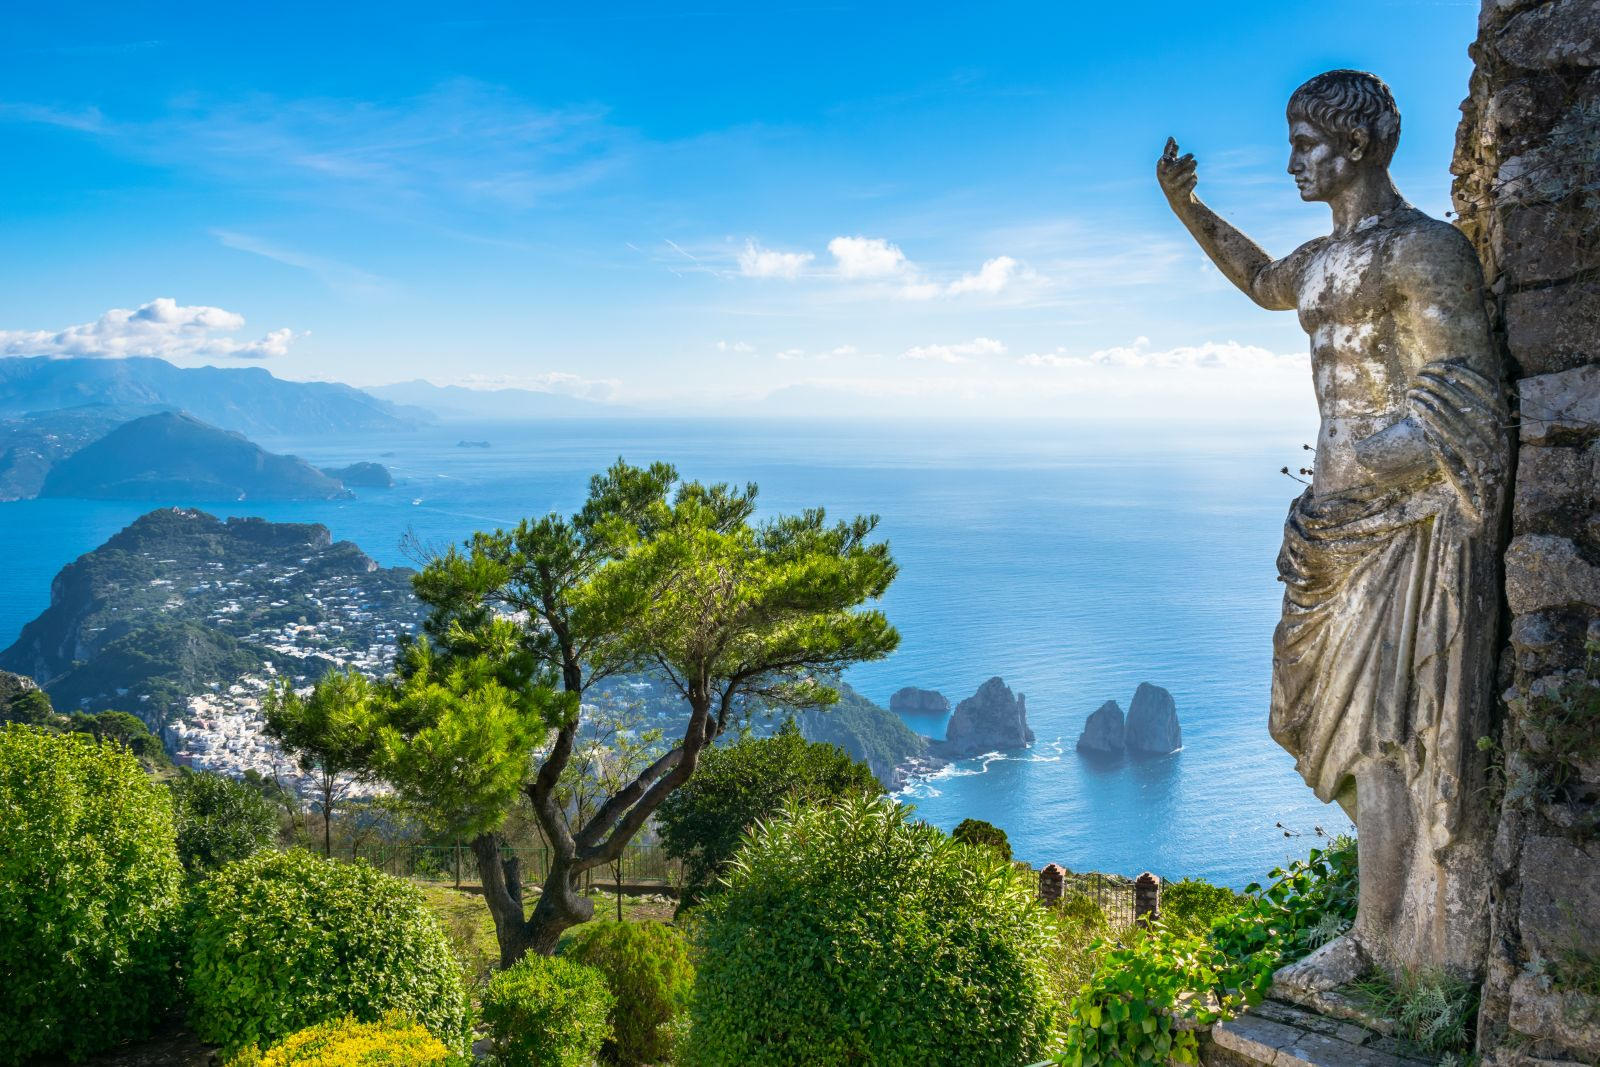 Viel besungen und in der Bildkunst verewigt, die Insel Capri mit seinen typischen Nadelfelsen. ©Nido Huebl/AdobeStock